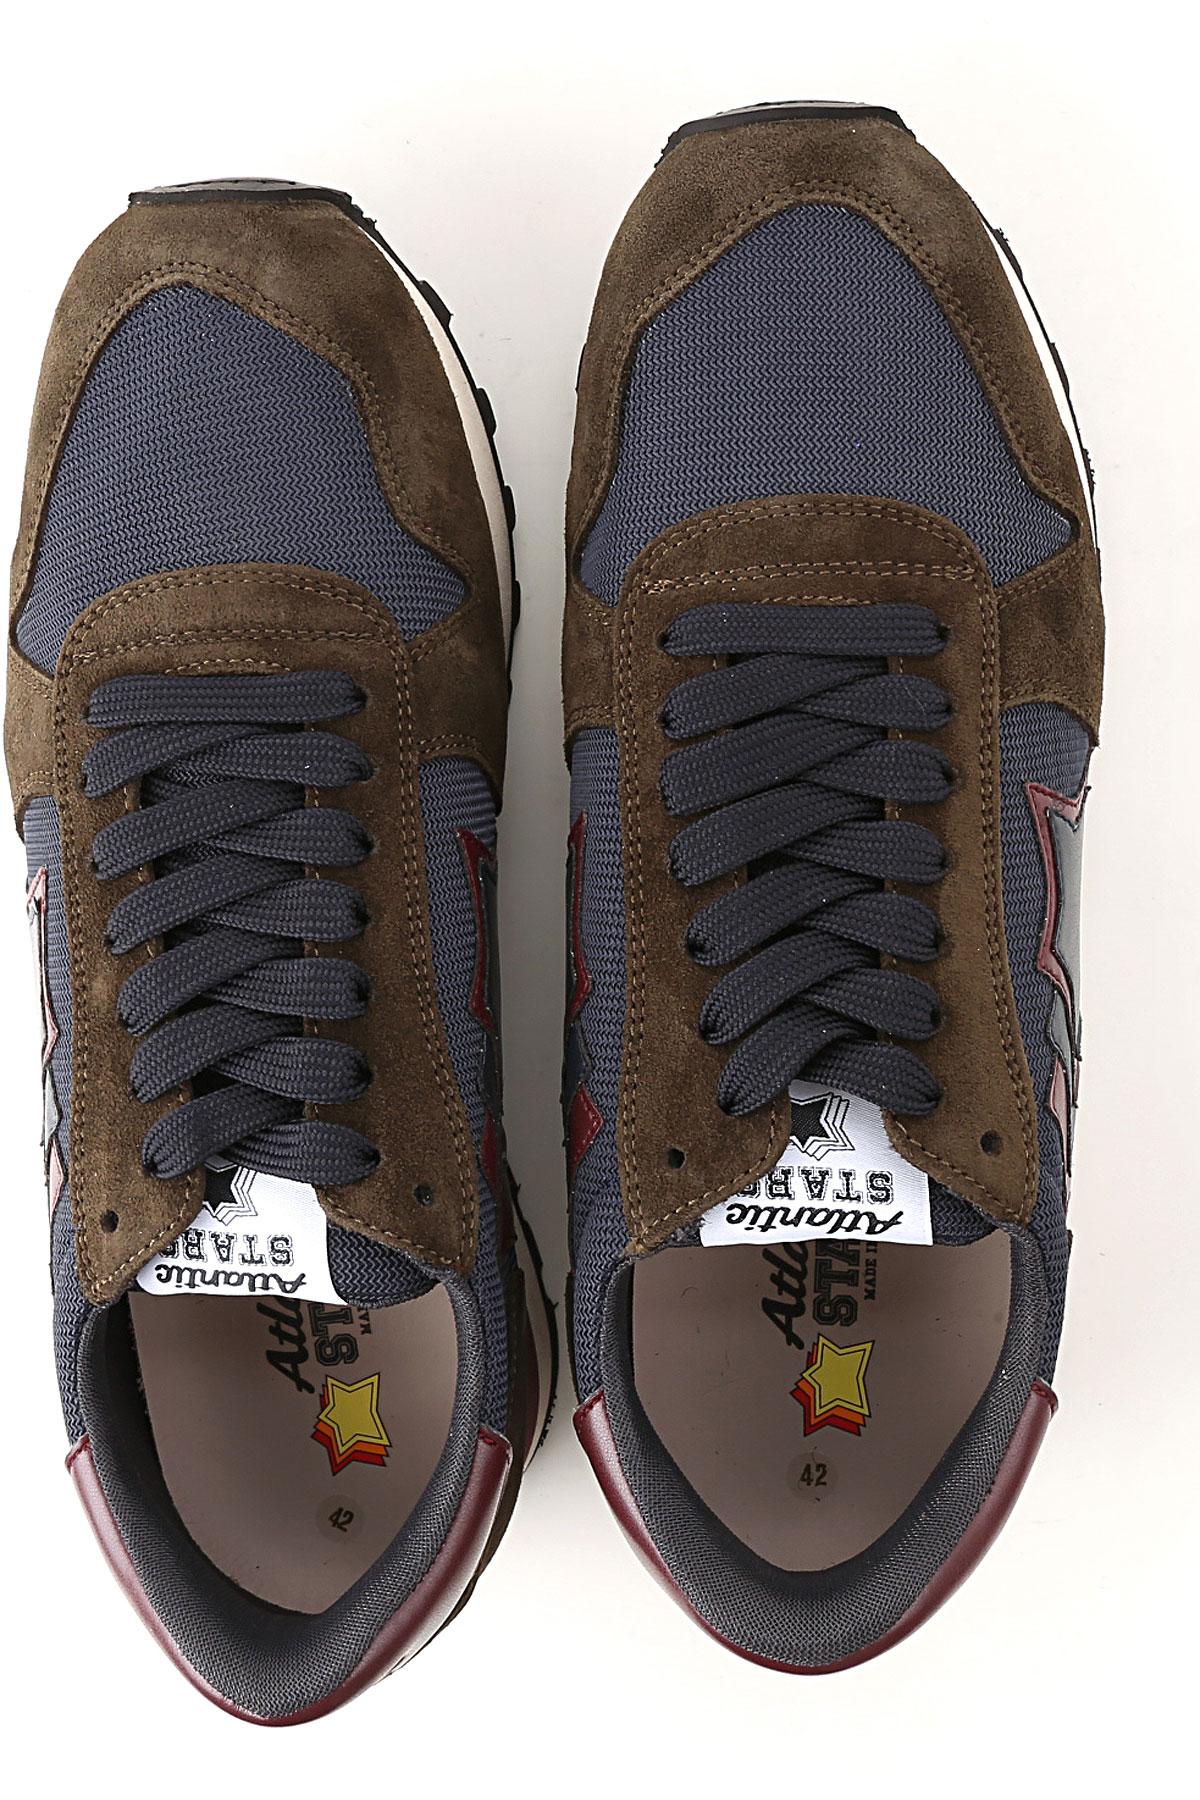 invierno Burdeos Atlantic Otoño Zapatos 2018 Stars Cieno Hombres 19 Para qwx7TXB